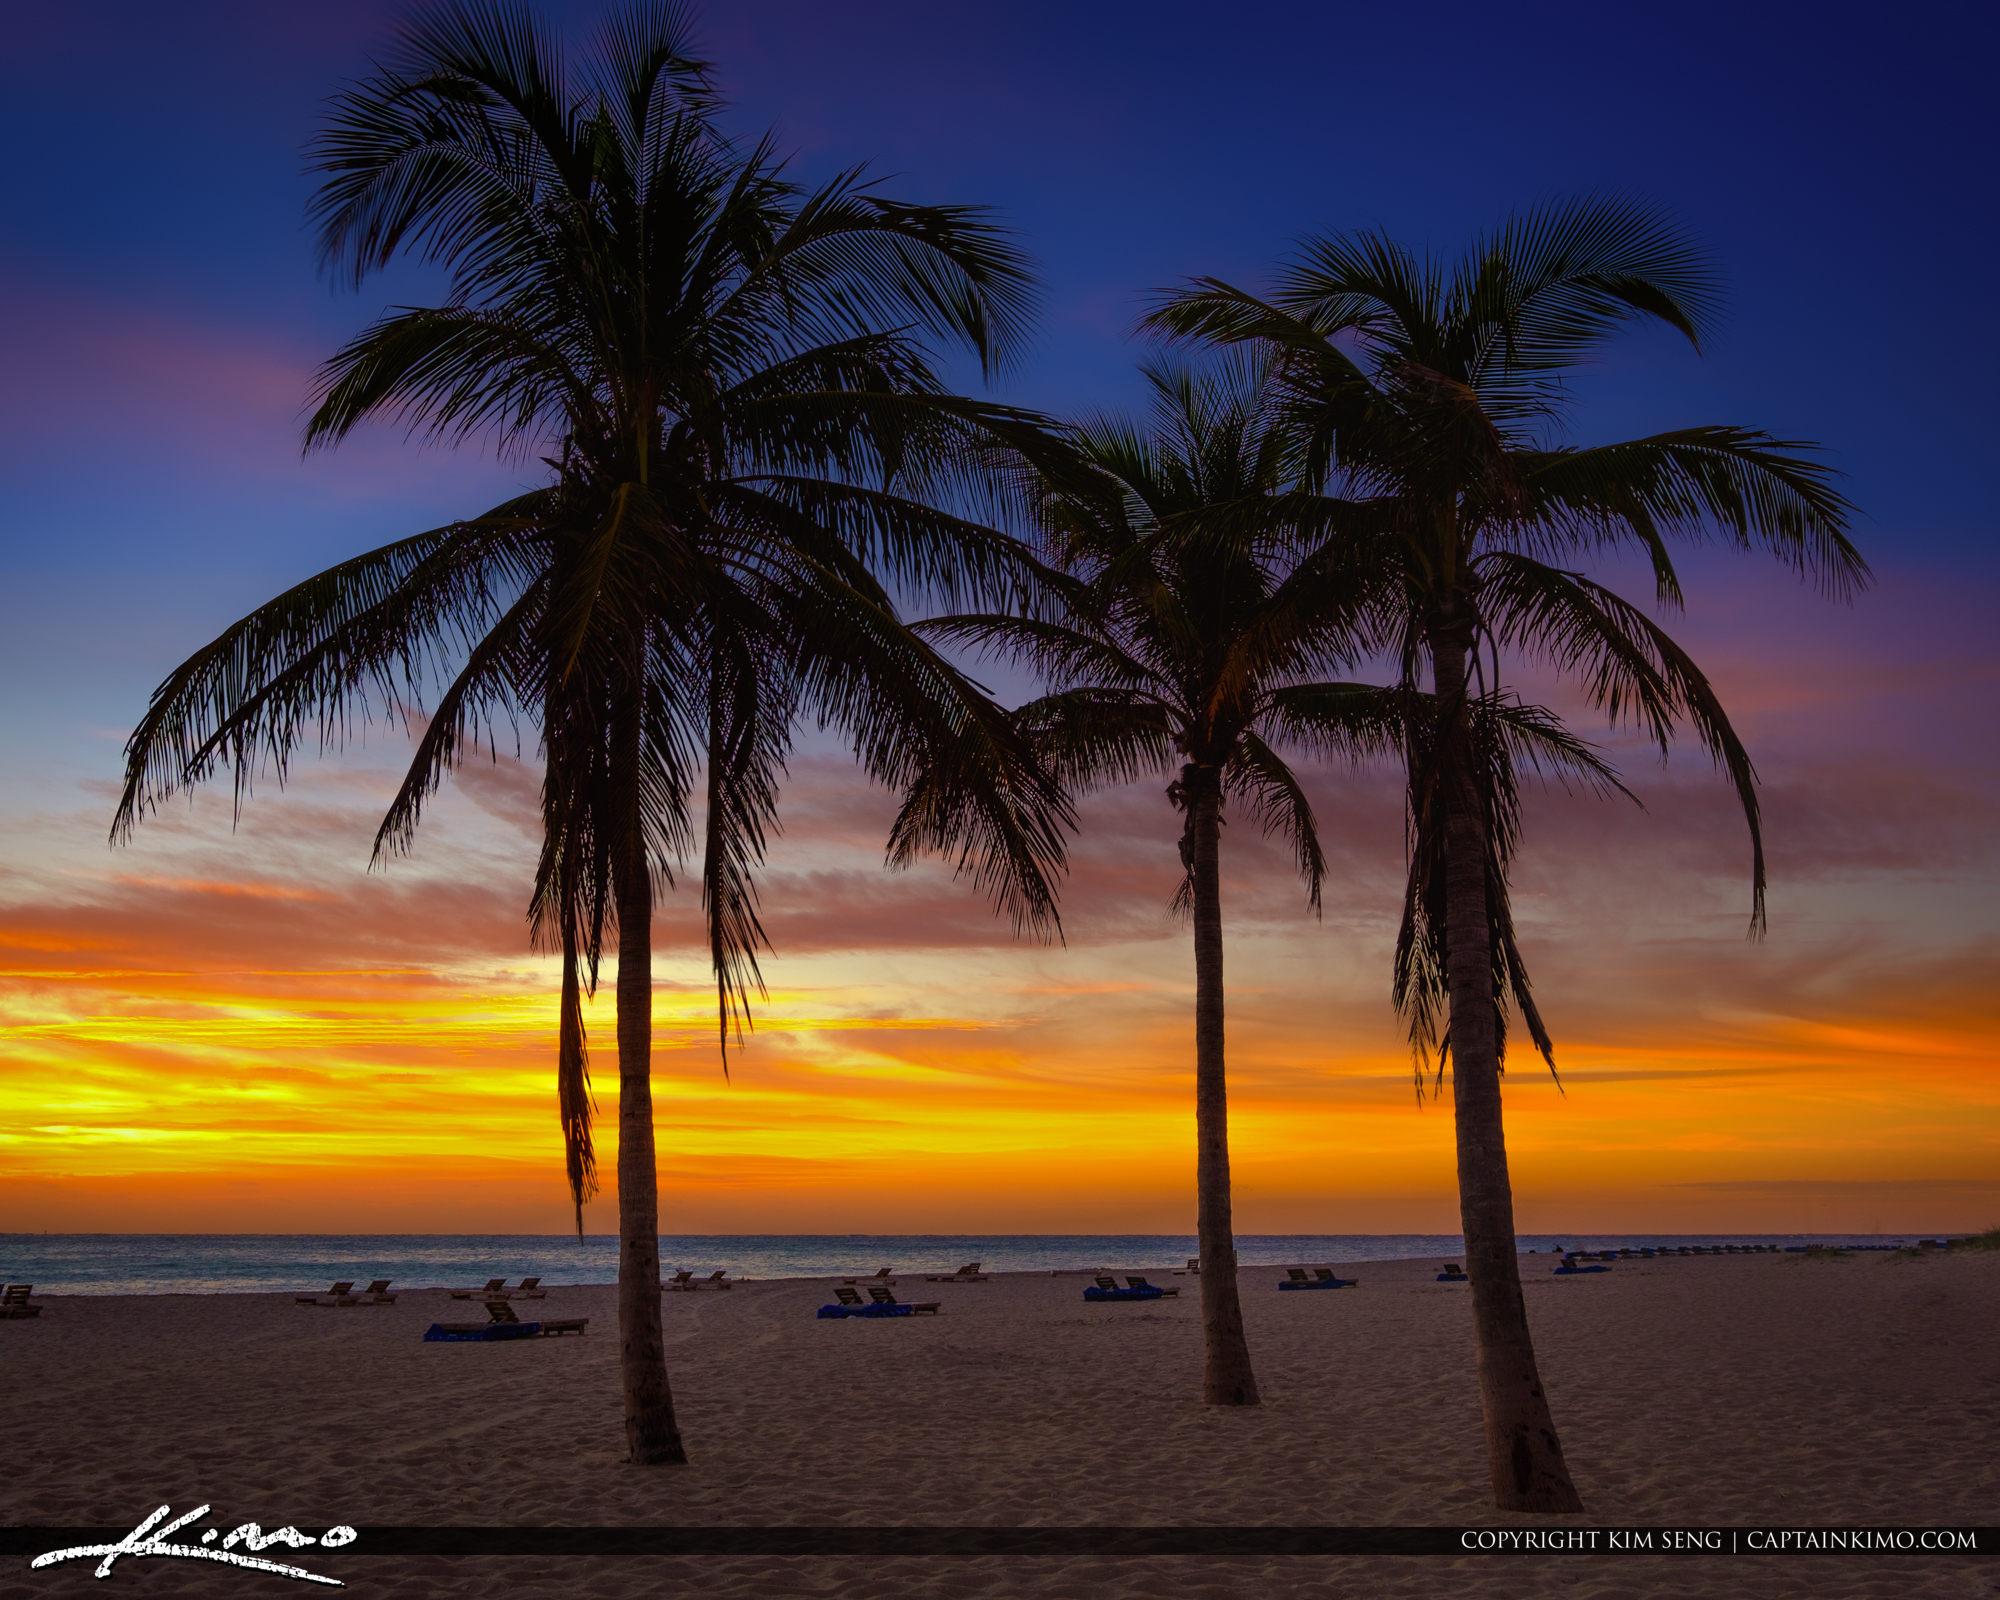 Coconut Tree at Singer Island Beach in Rvieira Beach Florida Squ